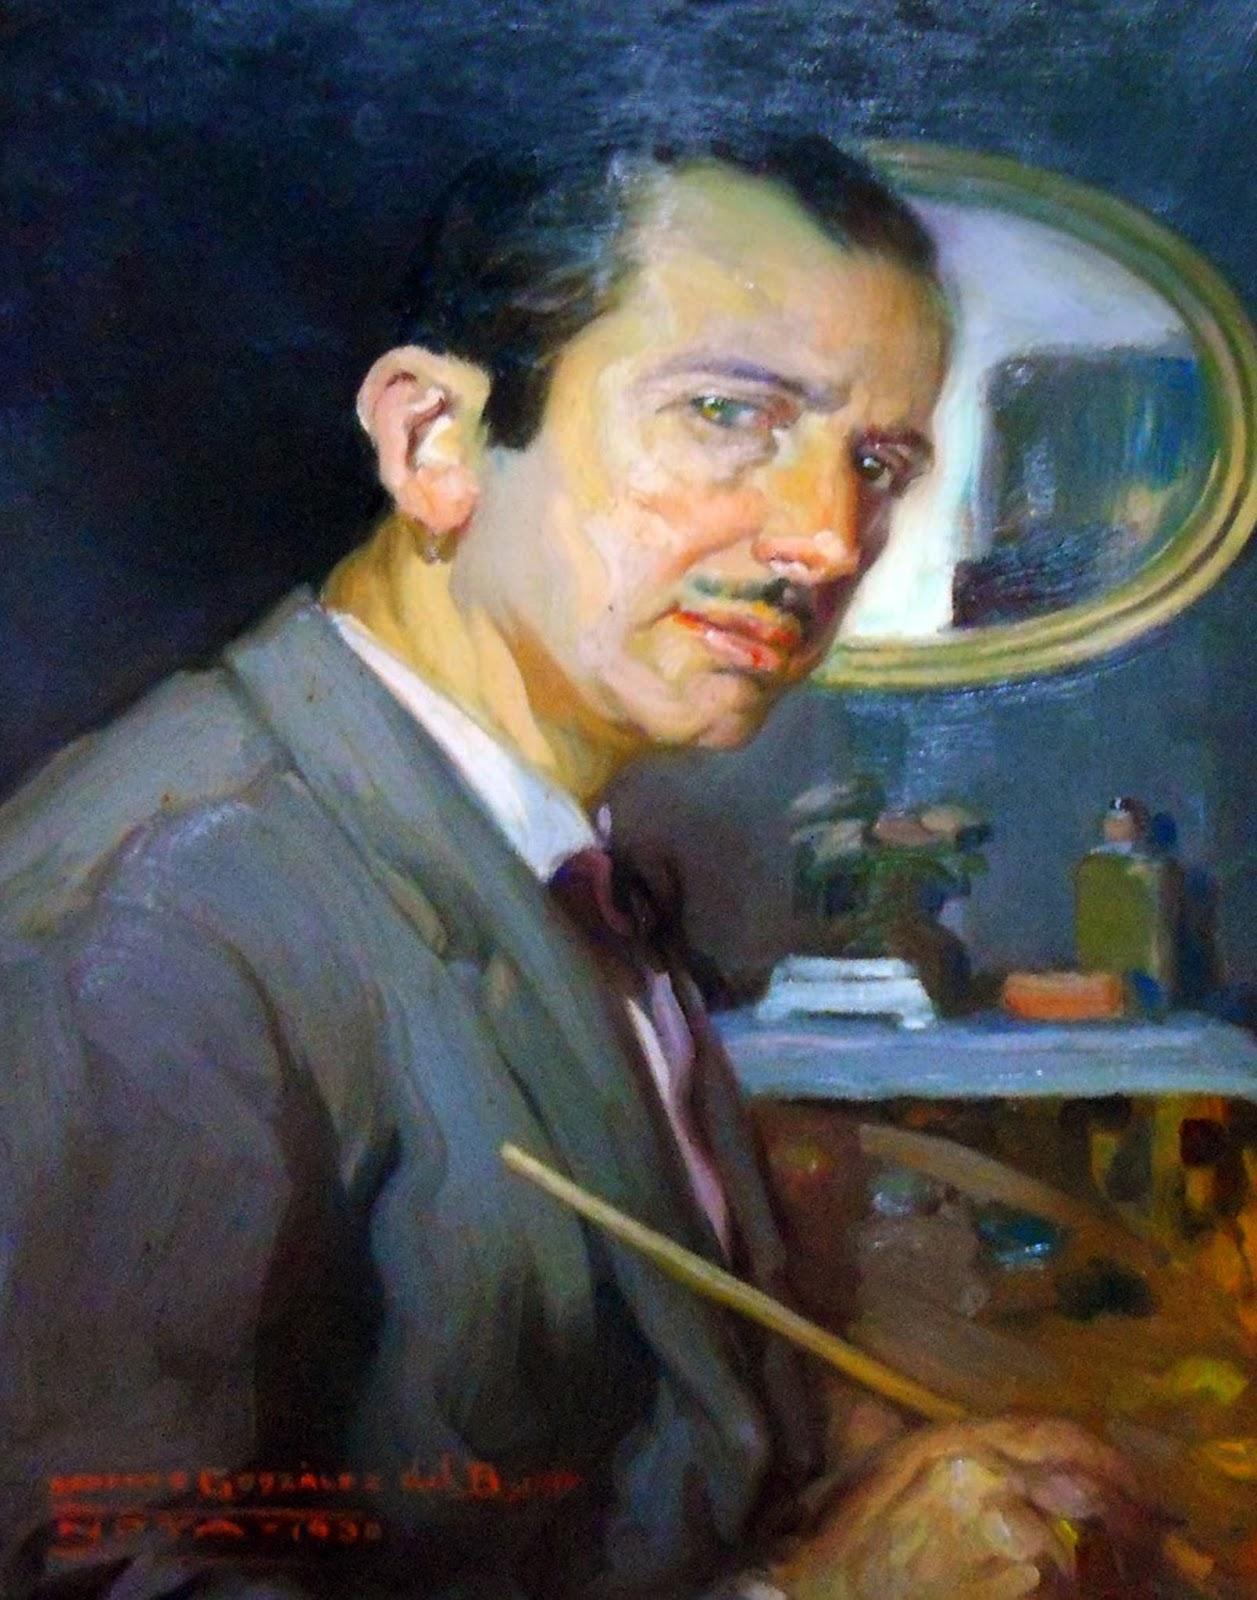 Roberto González del Blanco, Galería de autorretratos, Pintor español, Pintura española, González del Blanco, Pintores Realistas Españoles, Galería de retratos Figurativos, Pintor Roberto González del Blanco